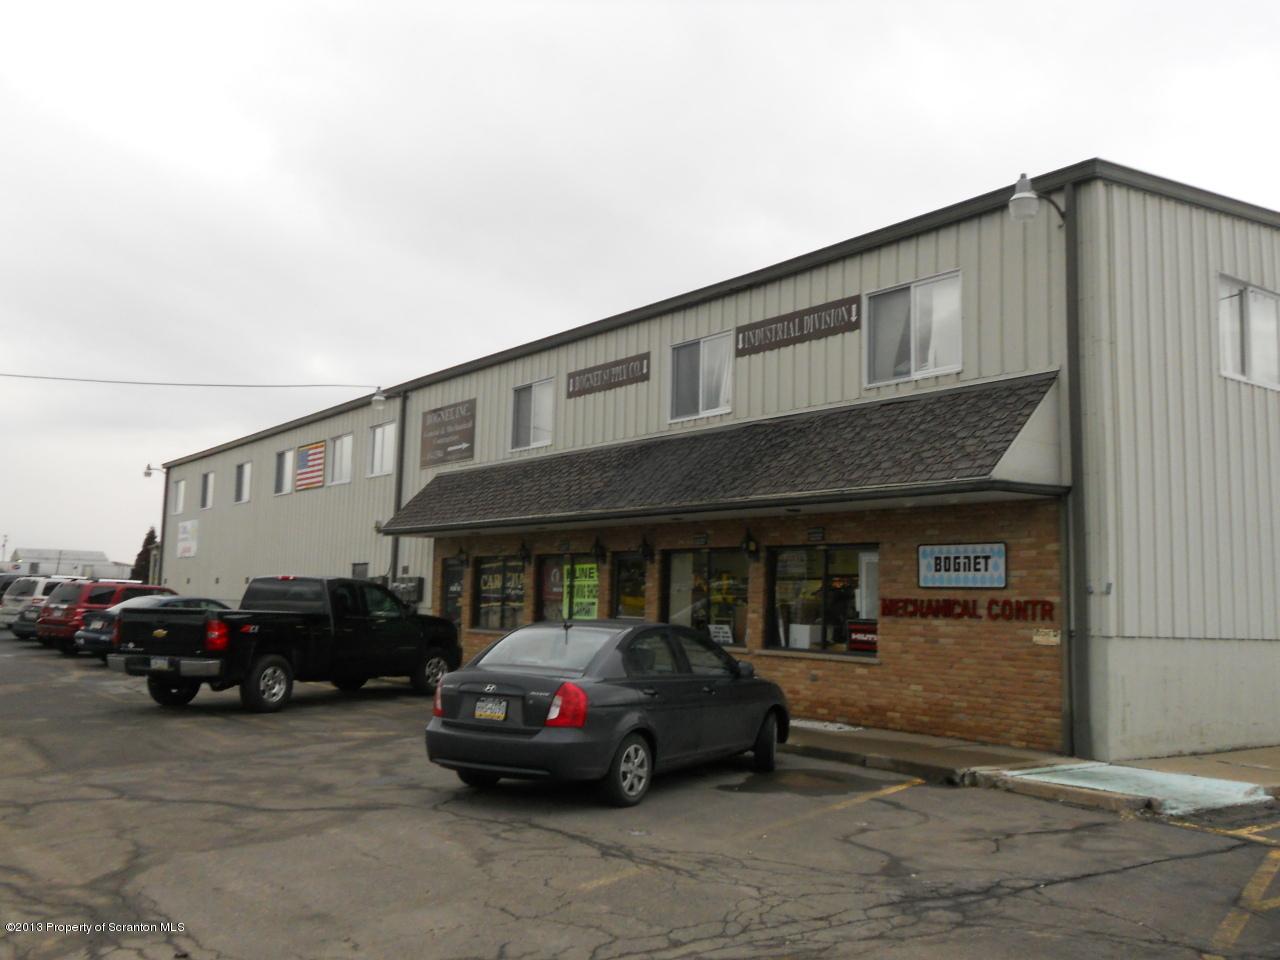 567 Cando Expressway, Hazleton, Pennsylvania 18201, ,7 BathroomsBathrooms,Commercial,For Lease,Cando Expressway,13-599